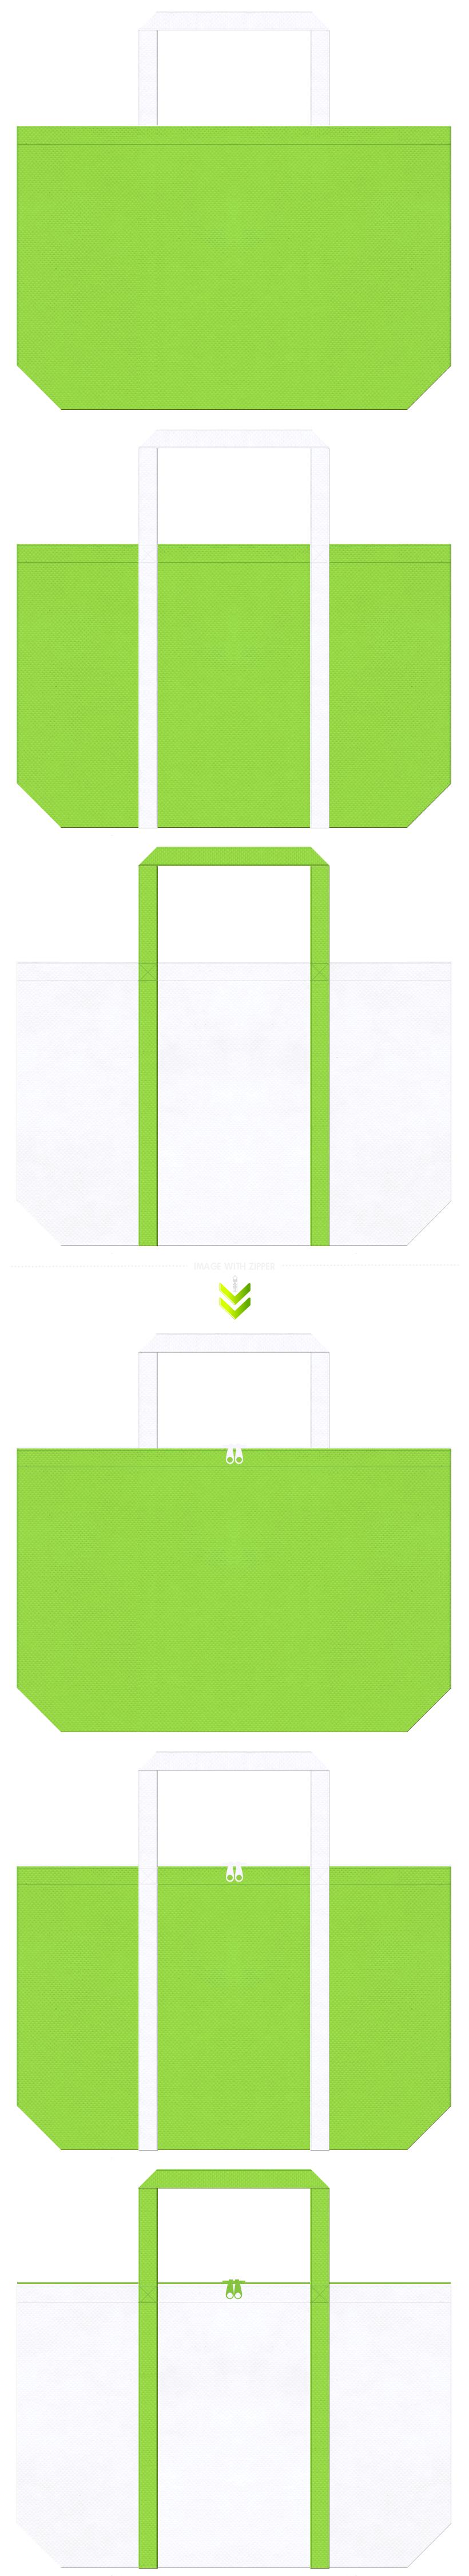 黄緑色と白色の不織布エコバッグのデザイン。